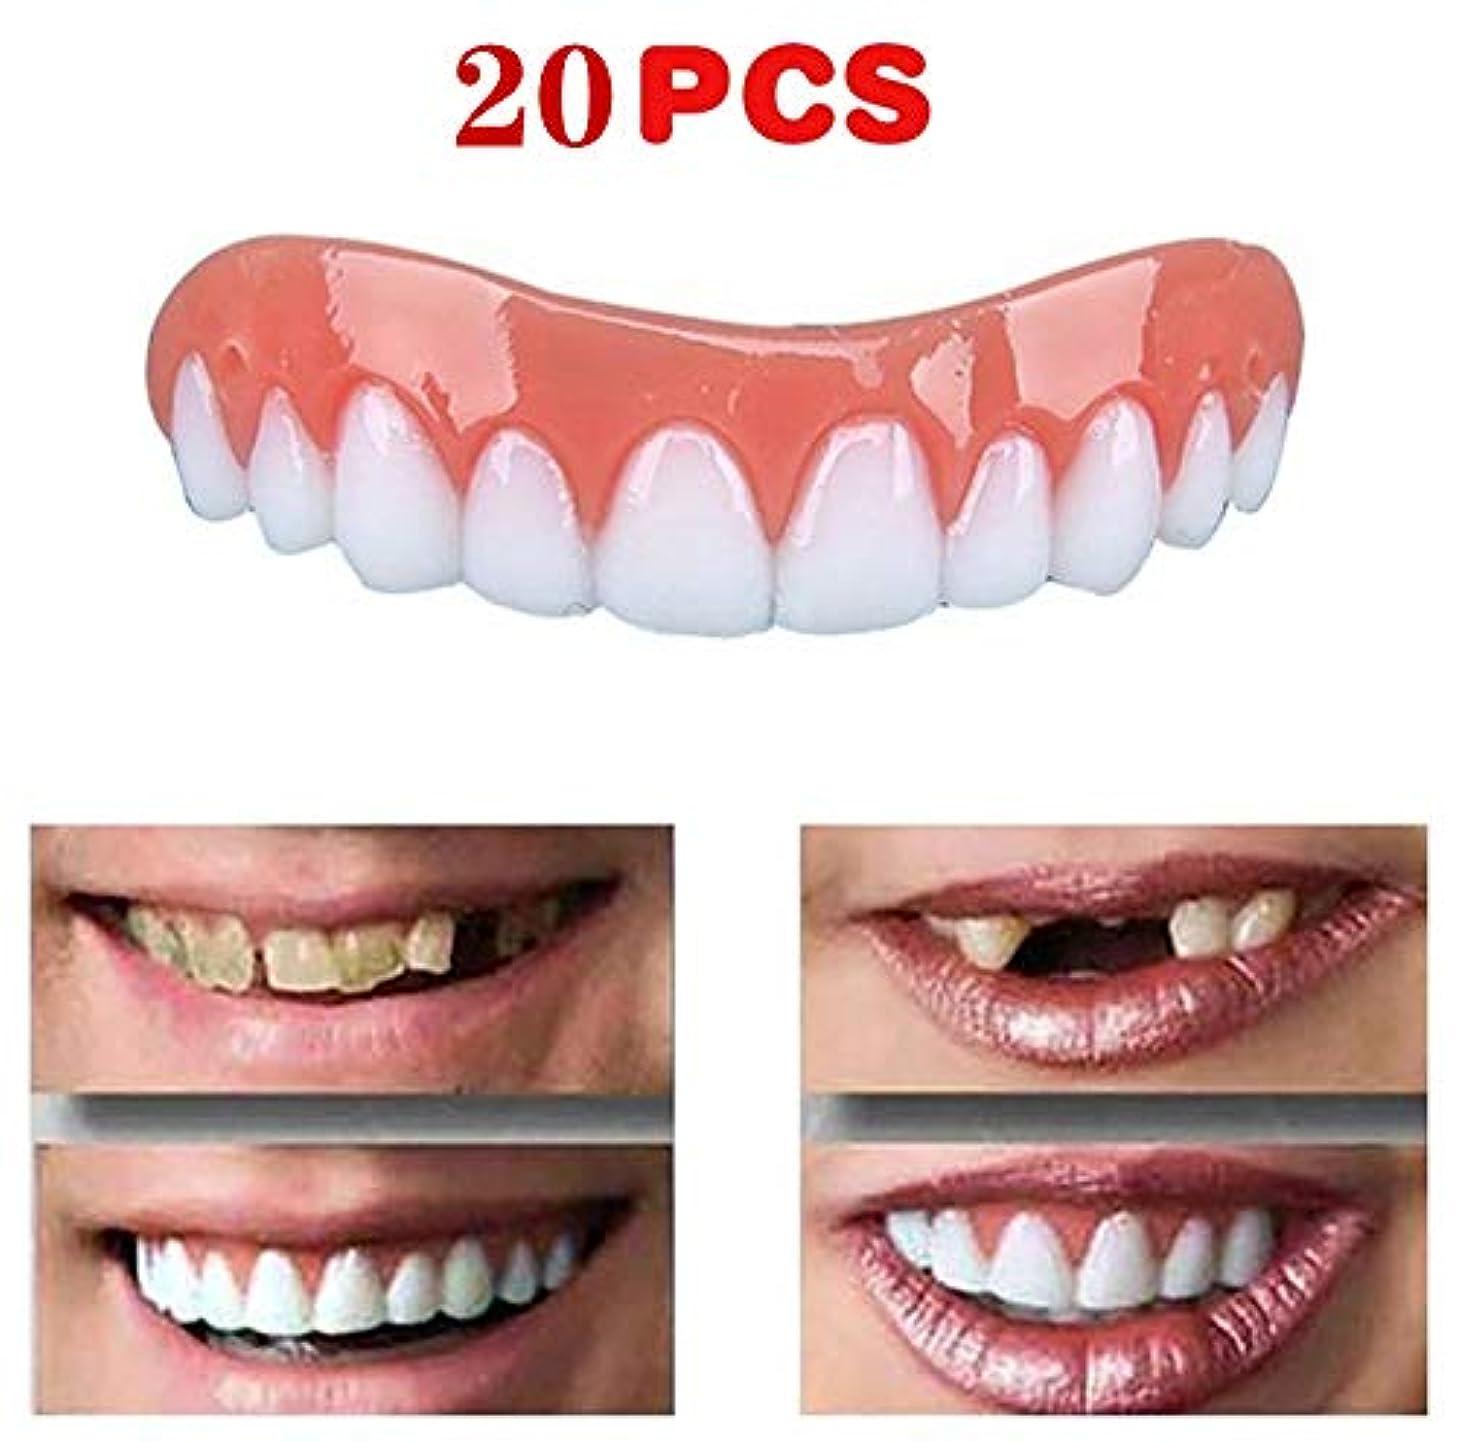 推定添加剤アクセサリー新しい再利用可能な大人のスナップオンパーフェクトスマイルホワイトニング義歯フィットフレックス化粧品歯快適なベニアカバーデンタルケアアクセサリー